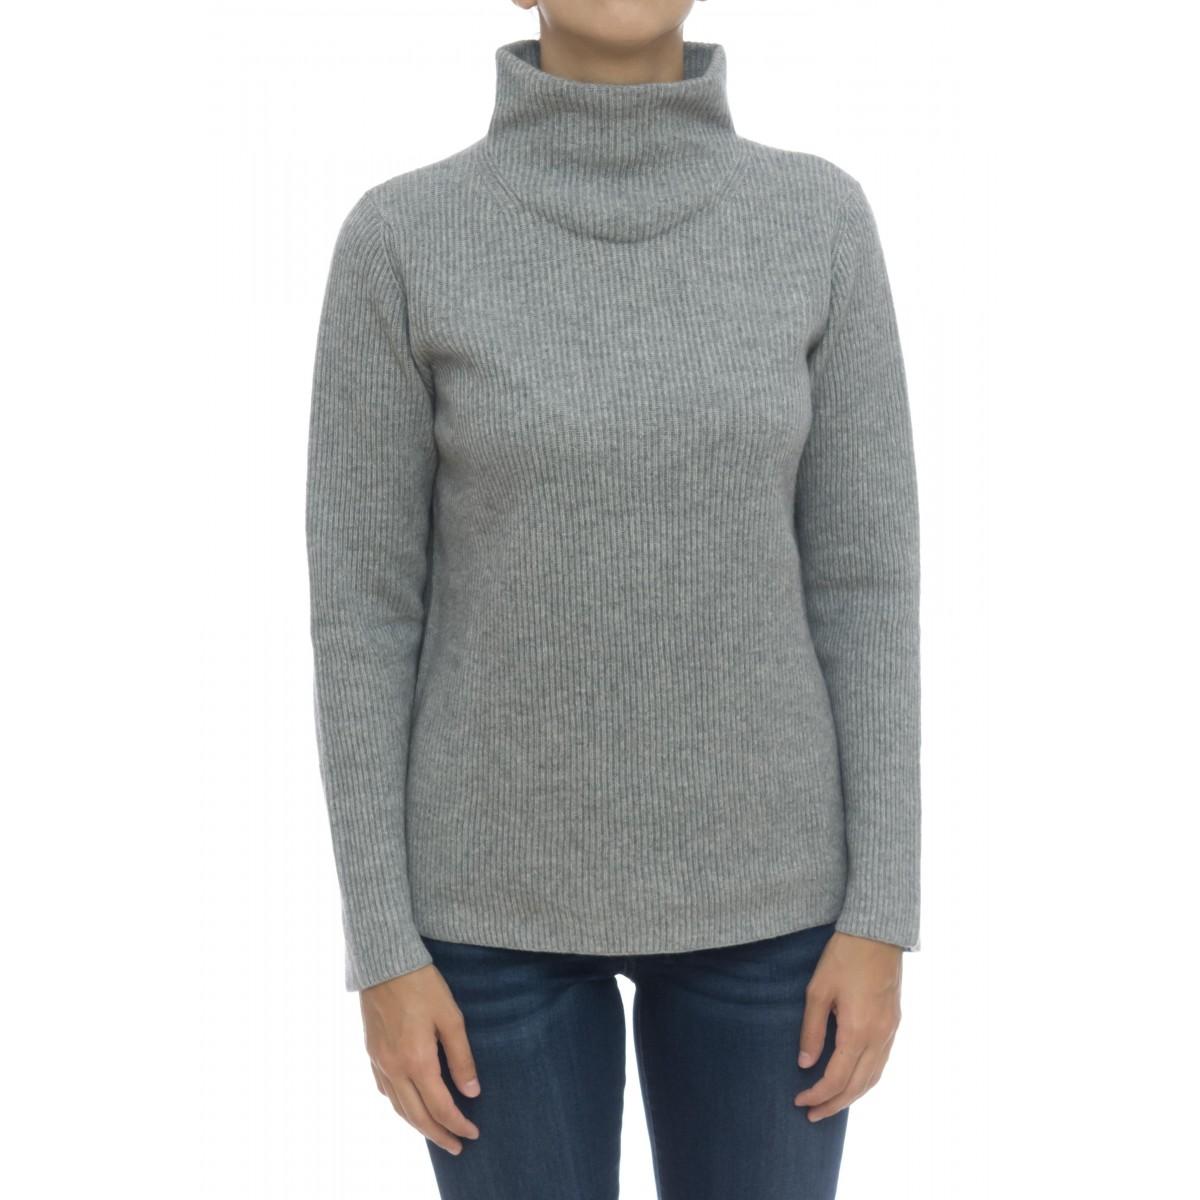 Maglieria - 8505/59 maglia collo alto costa inglese